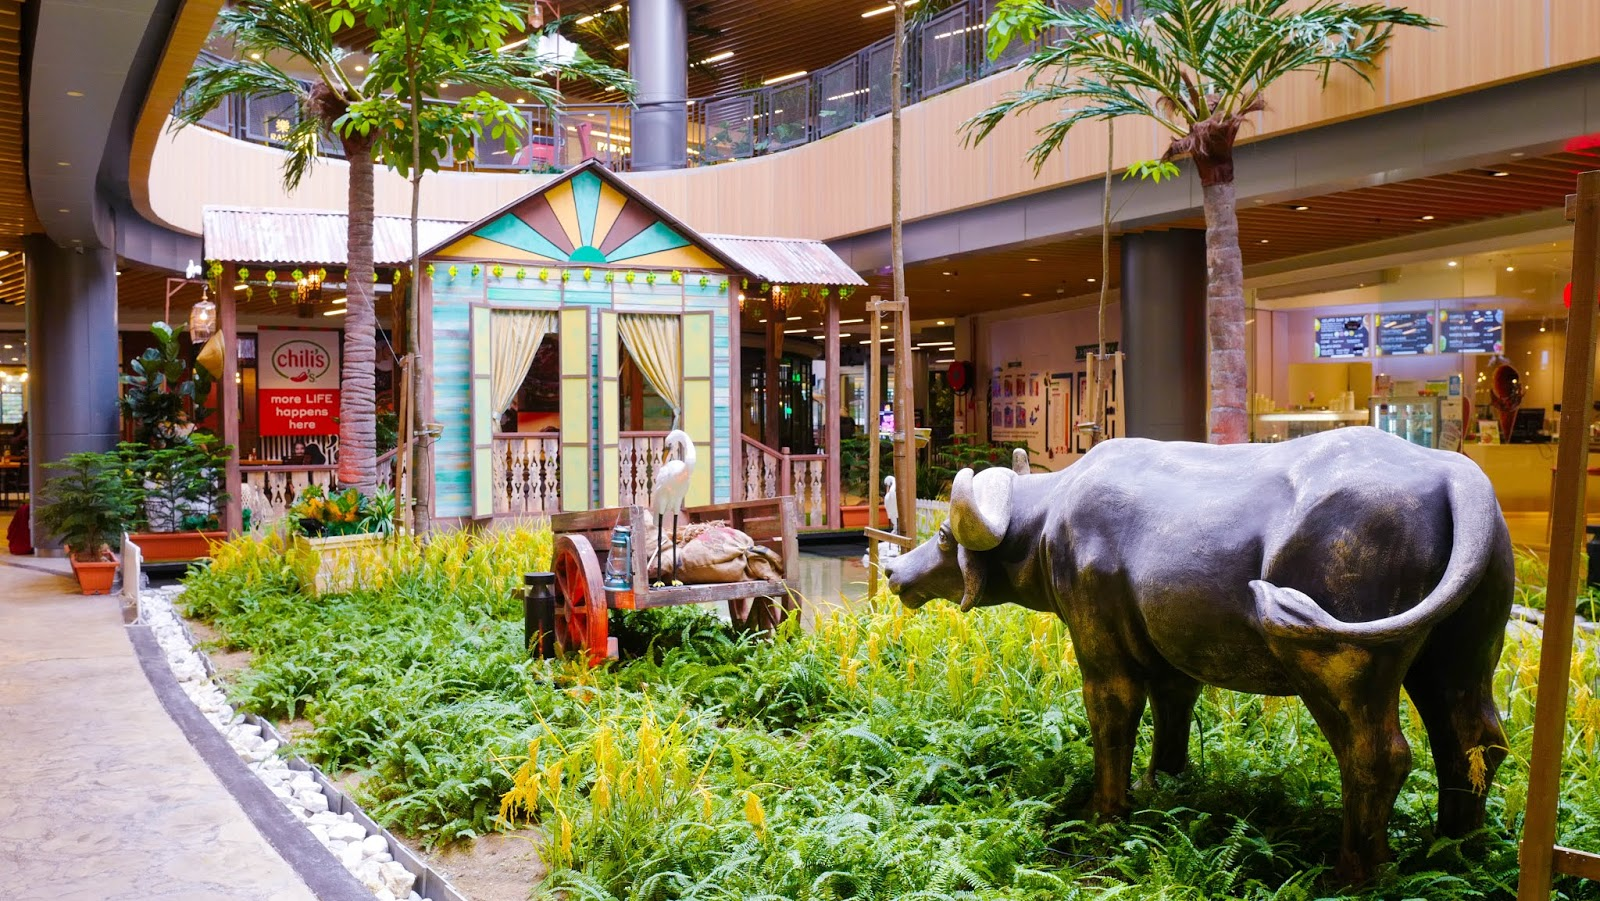 163 Retail Park, Mont Kiara: Riang Ria Raya